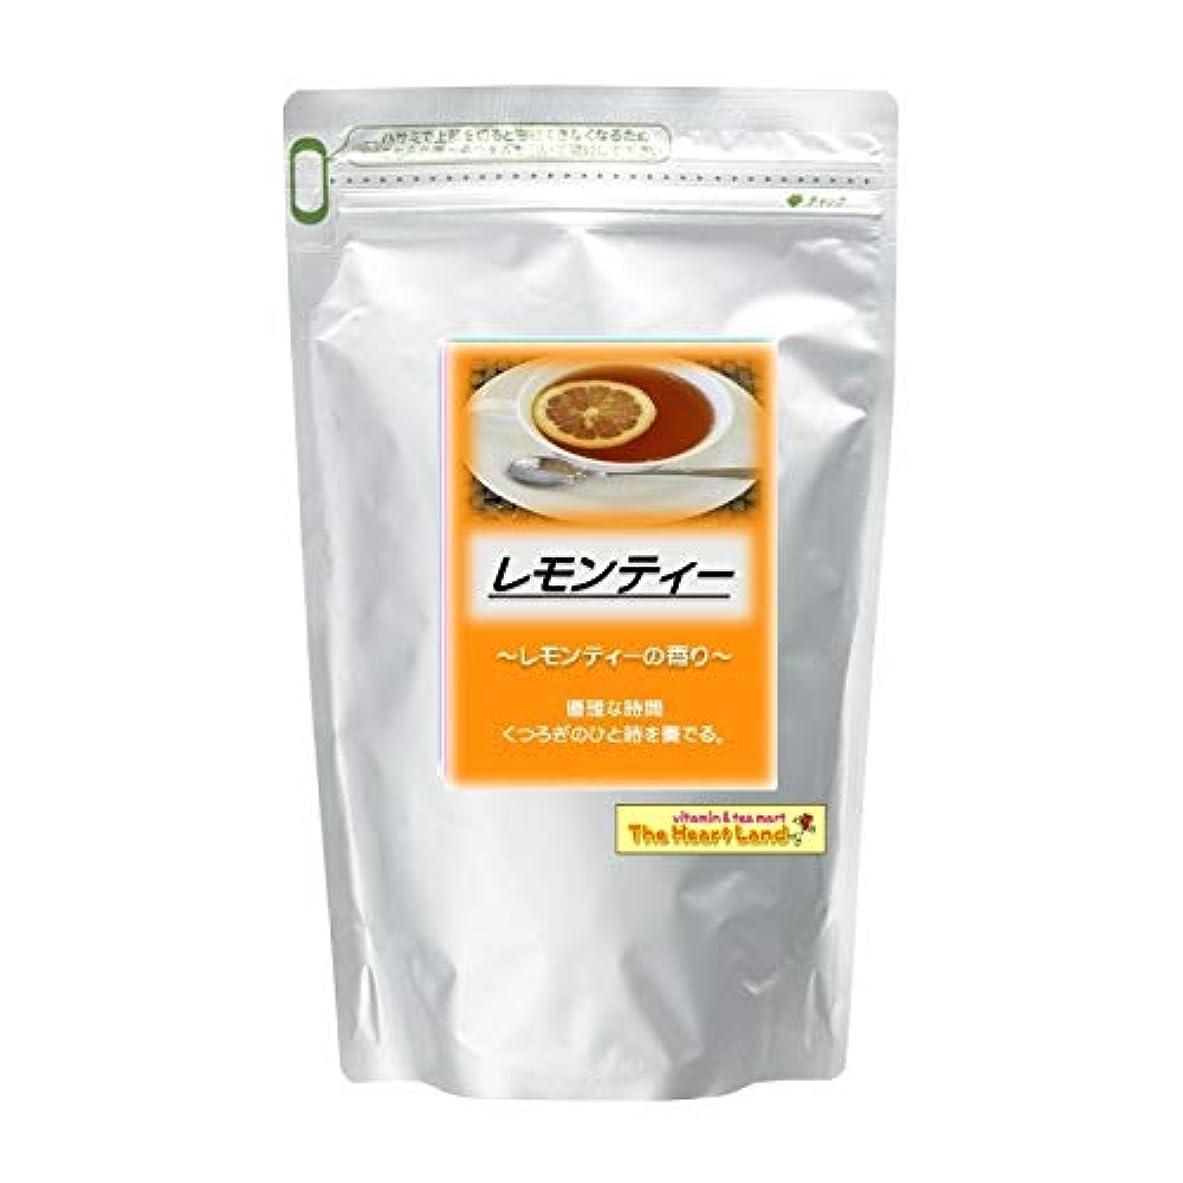 いま杭能力アサヒ入浴剤 浴用入浴化粧品 レモンティー 2.5kg